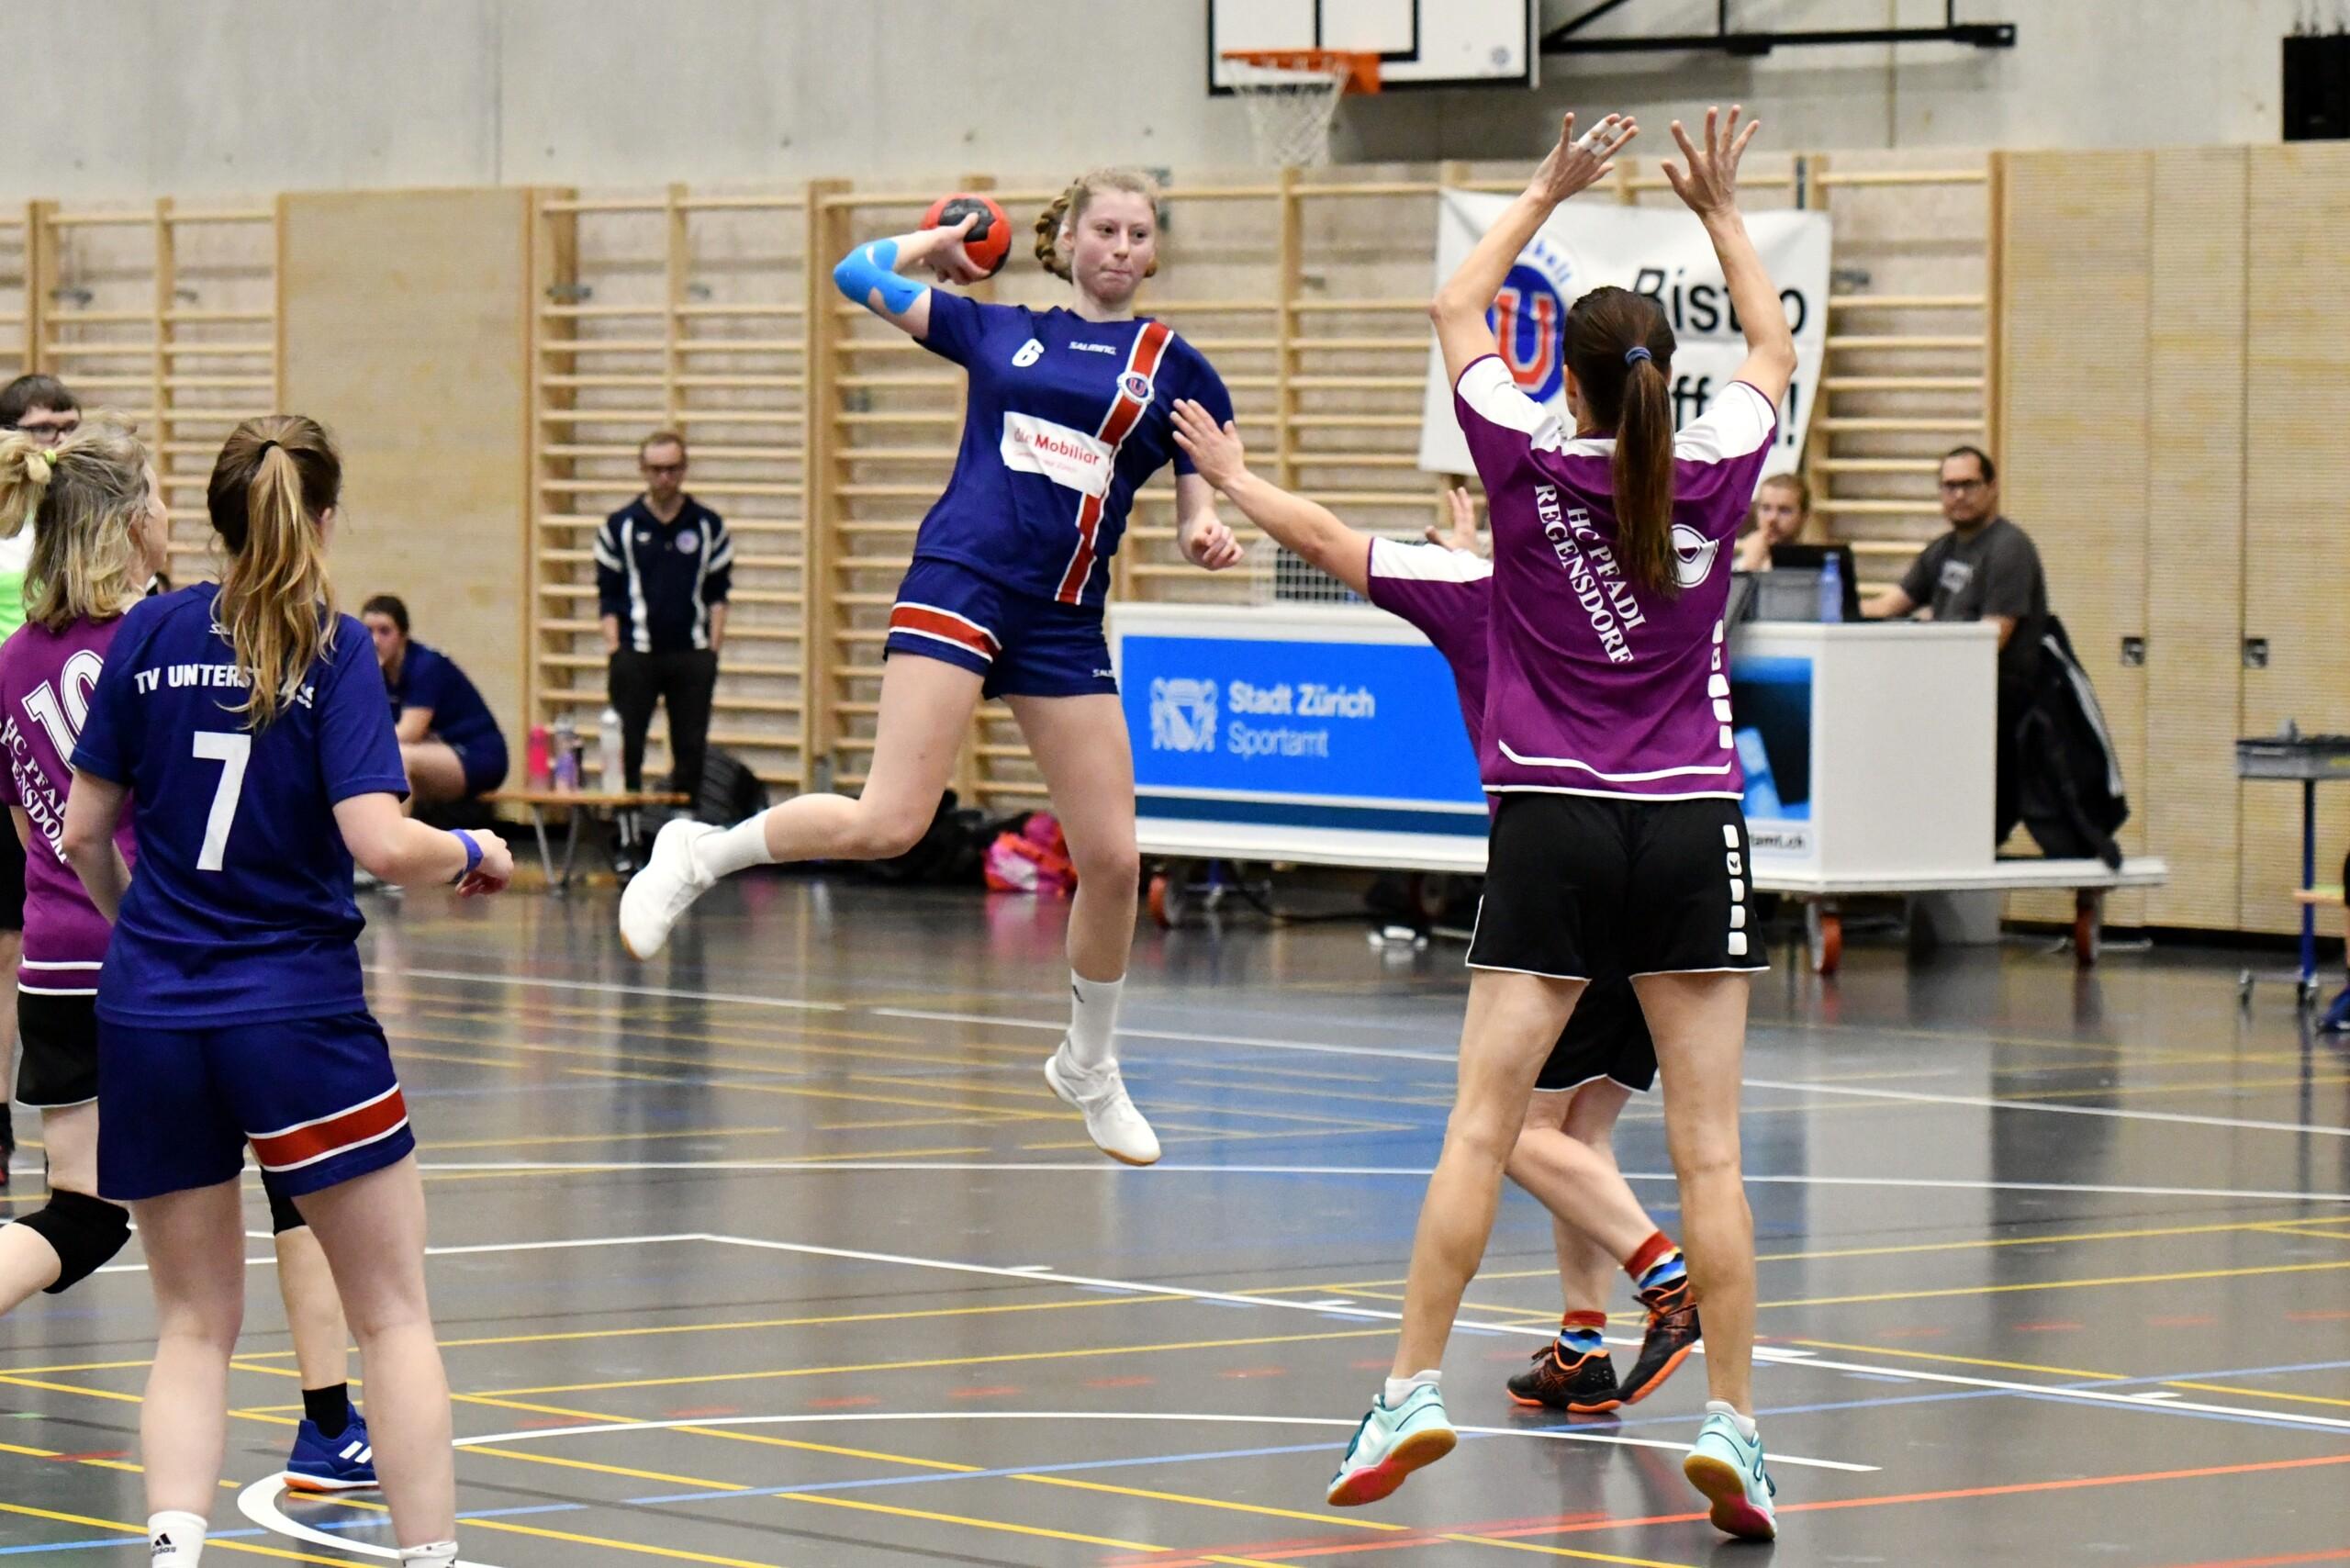 TVU Handball